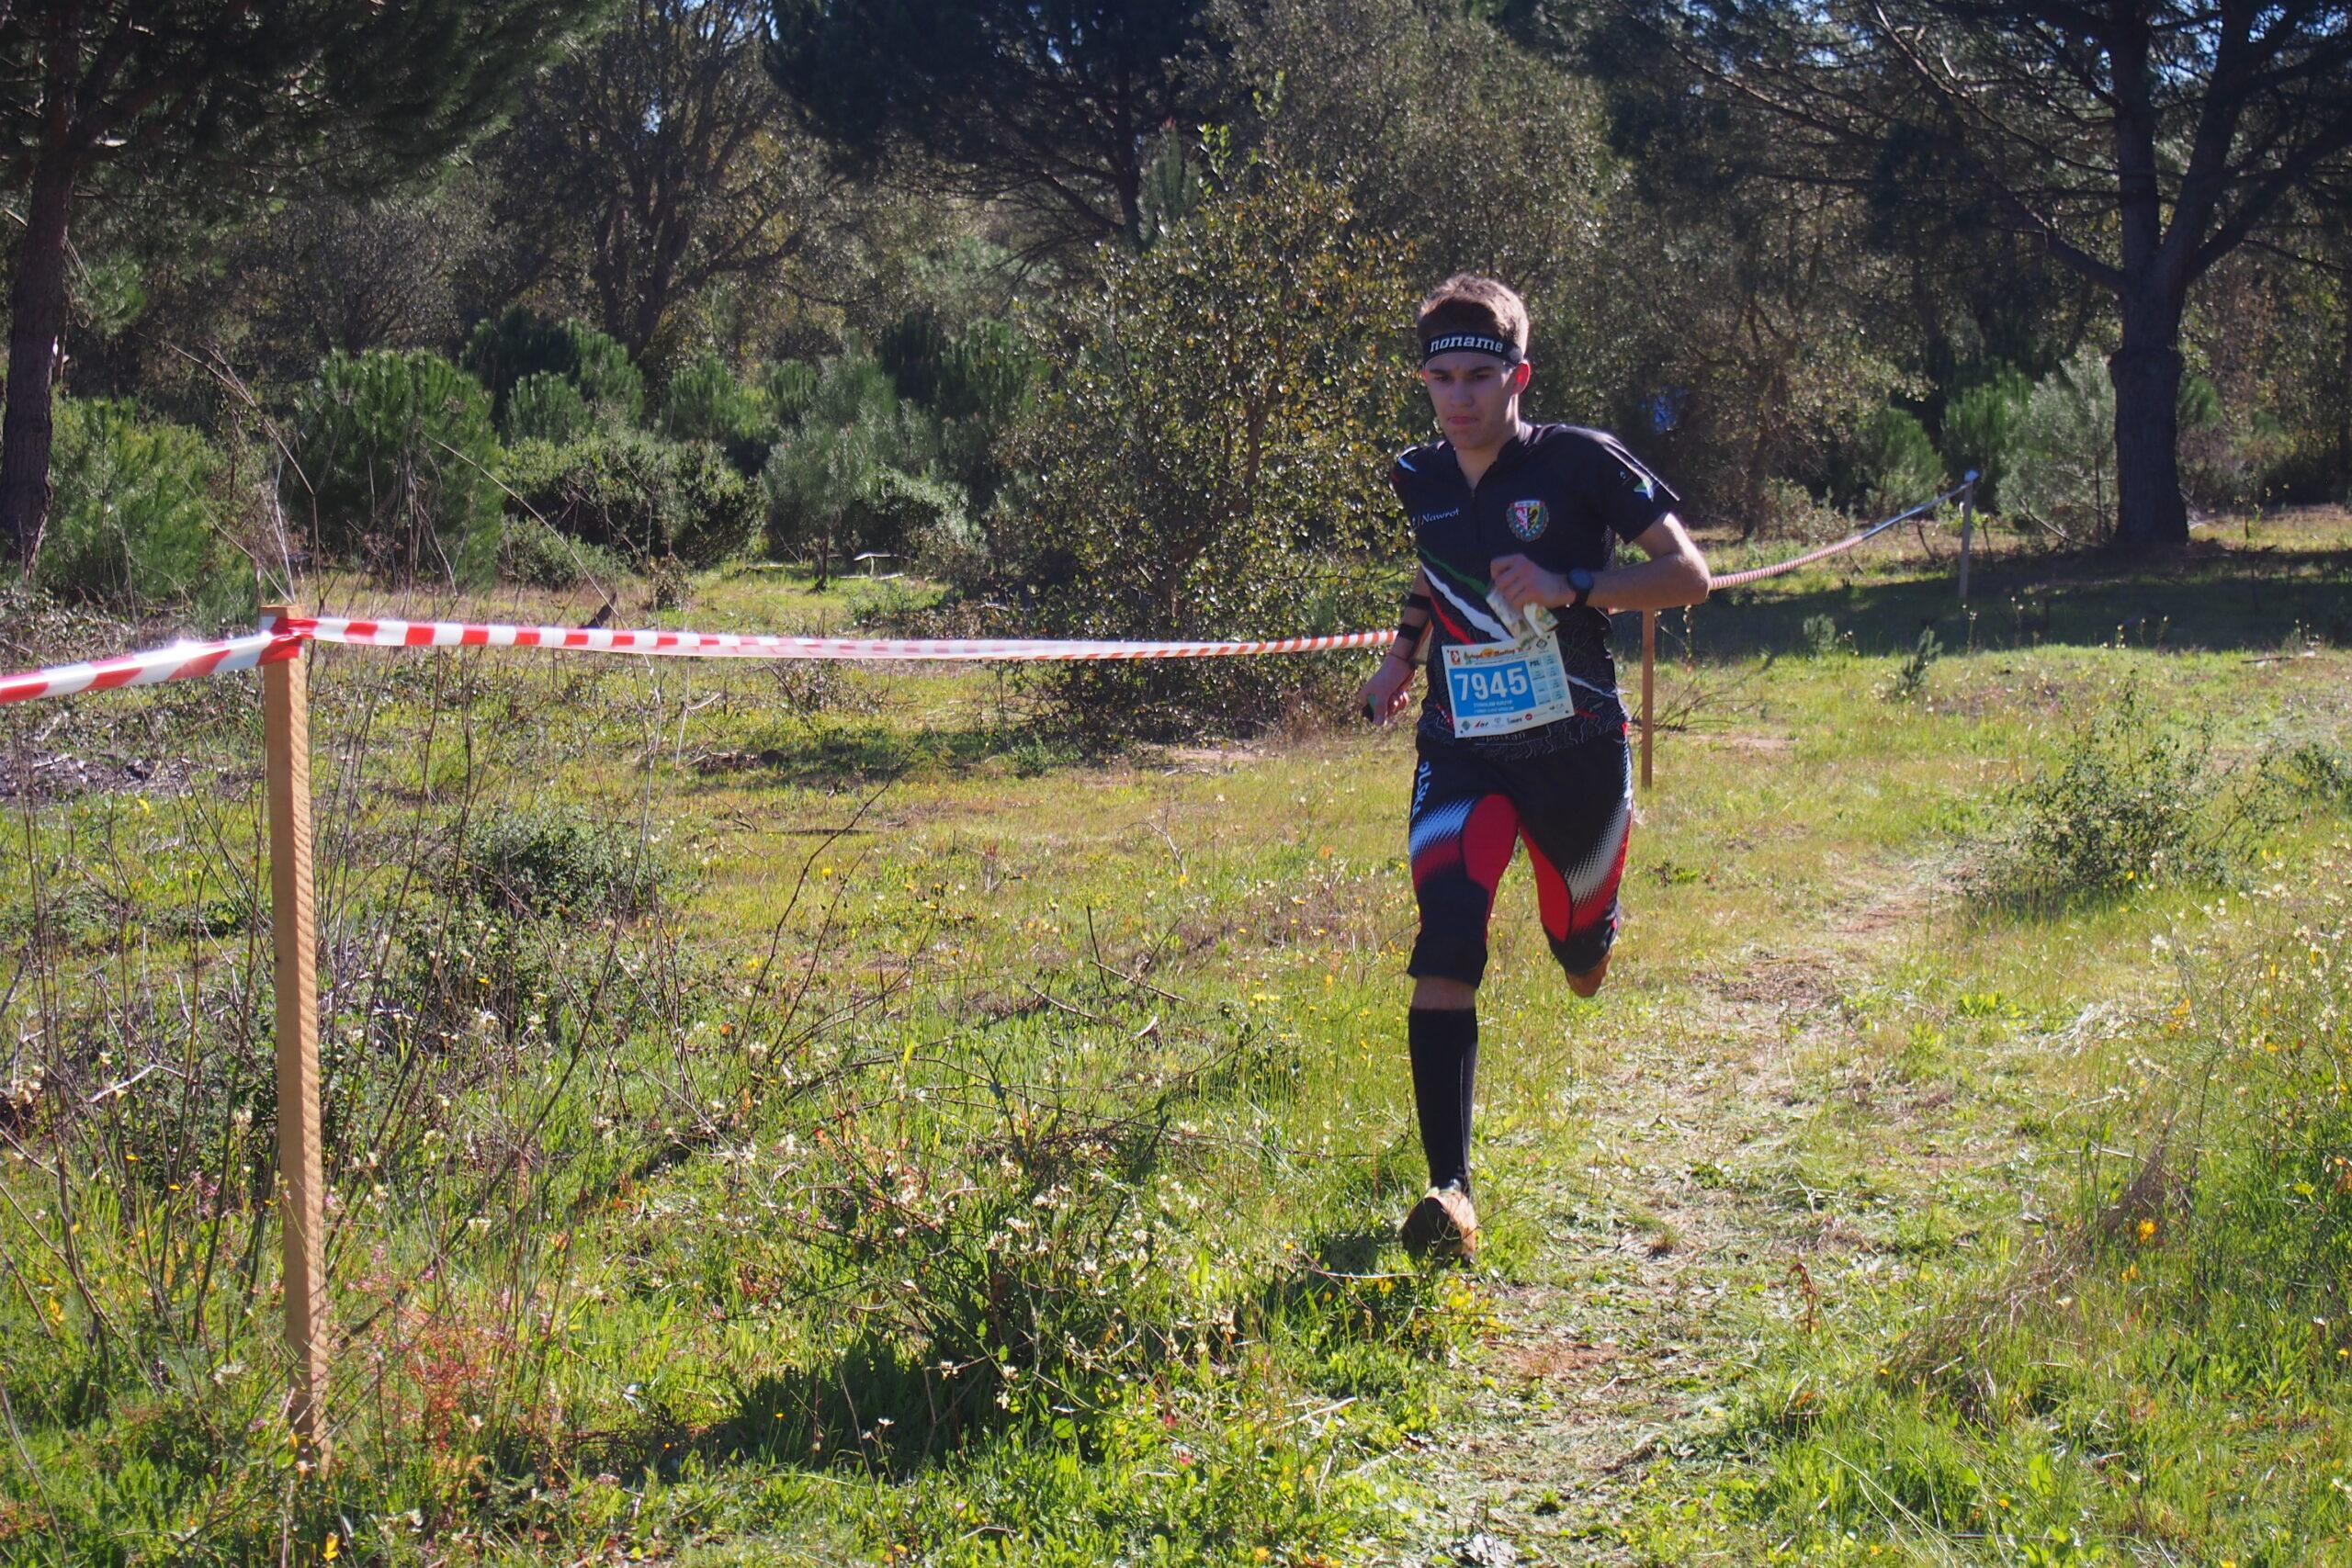 portugal-o-meeting-pierwsze-starty-biegaczy-na-orientacje